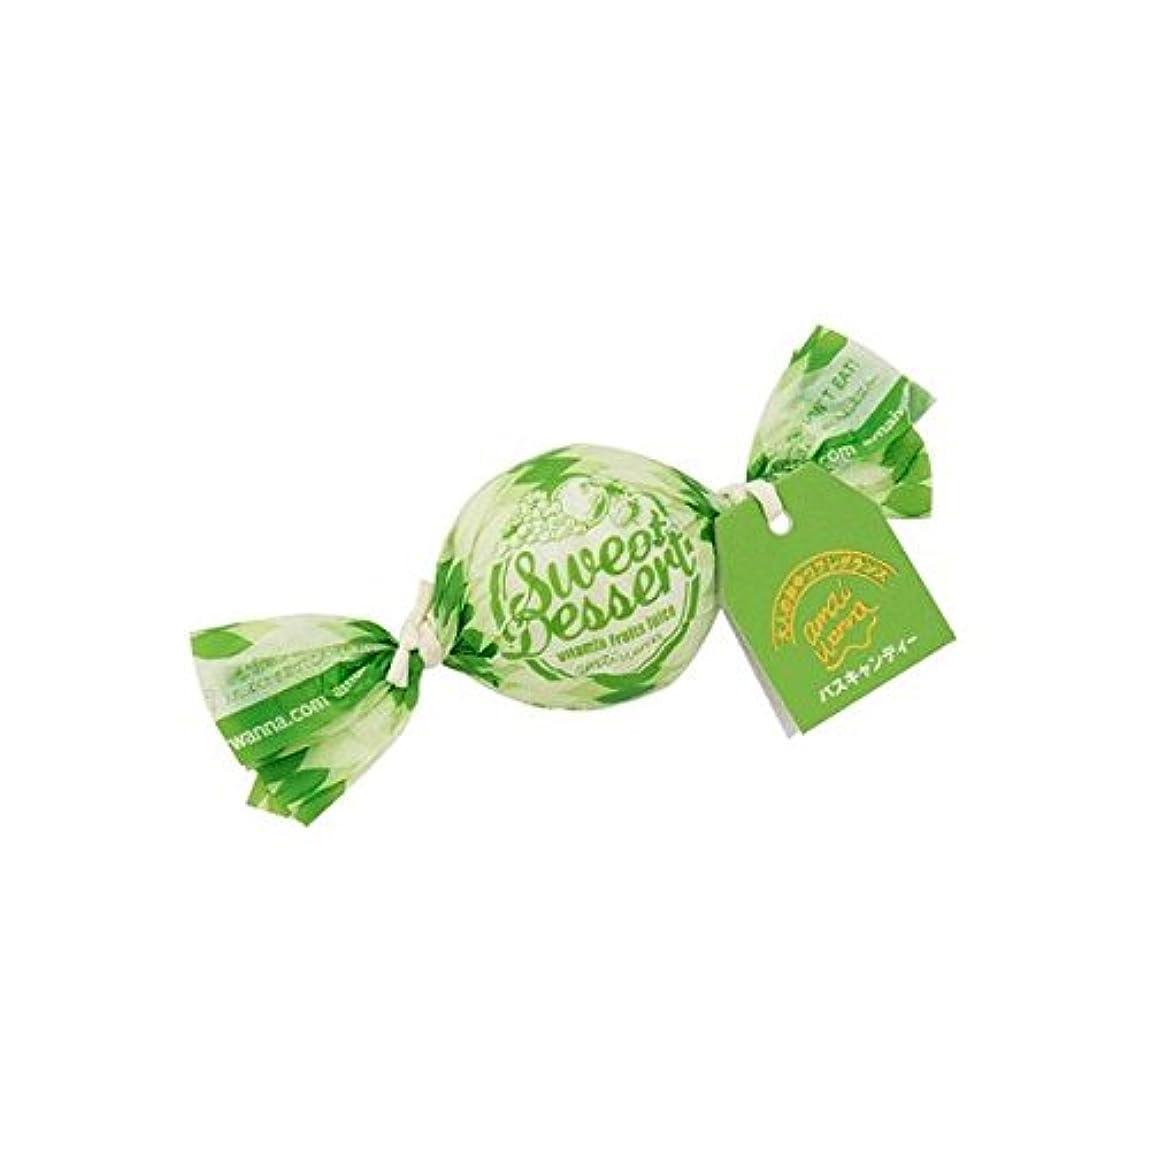 おもしろい誓約爆風グローバルプロダクトプランニング アマイワナ バスキャンディー 1粒 ビタミンフルーツジュース 35g 4517161124224